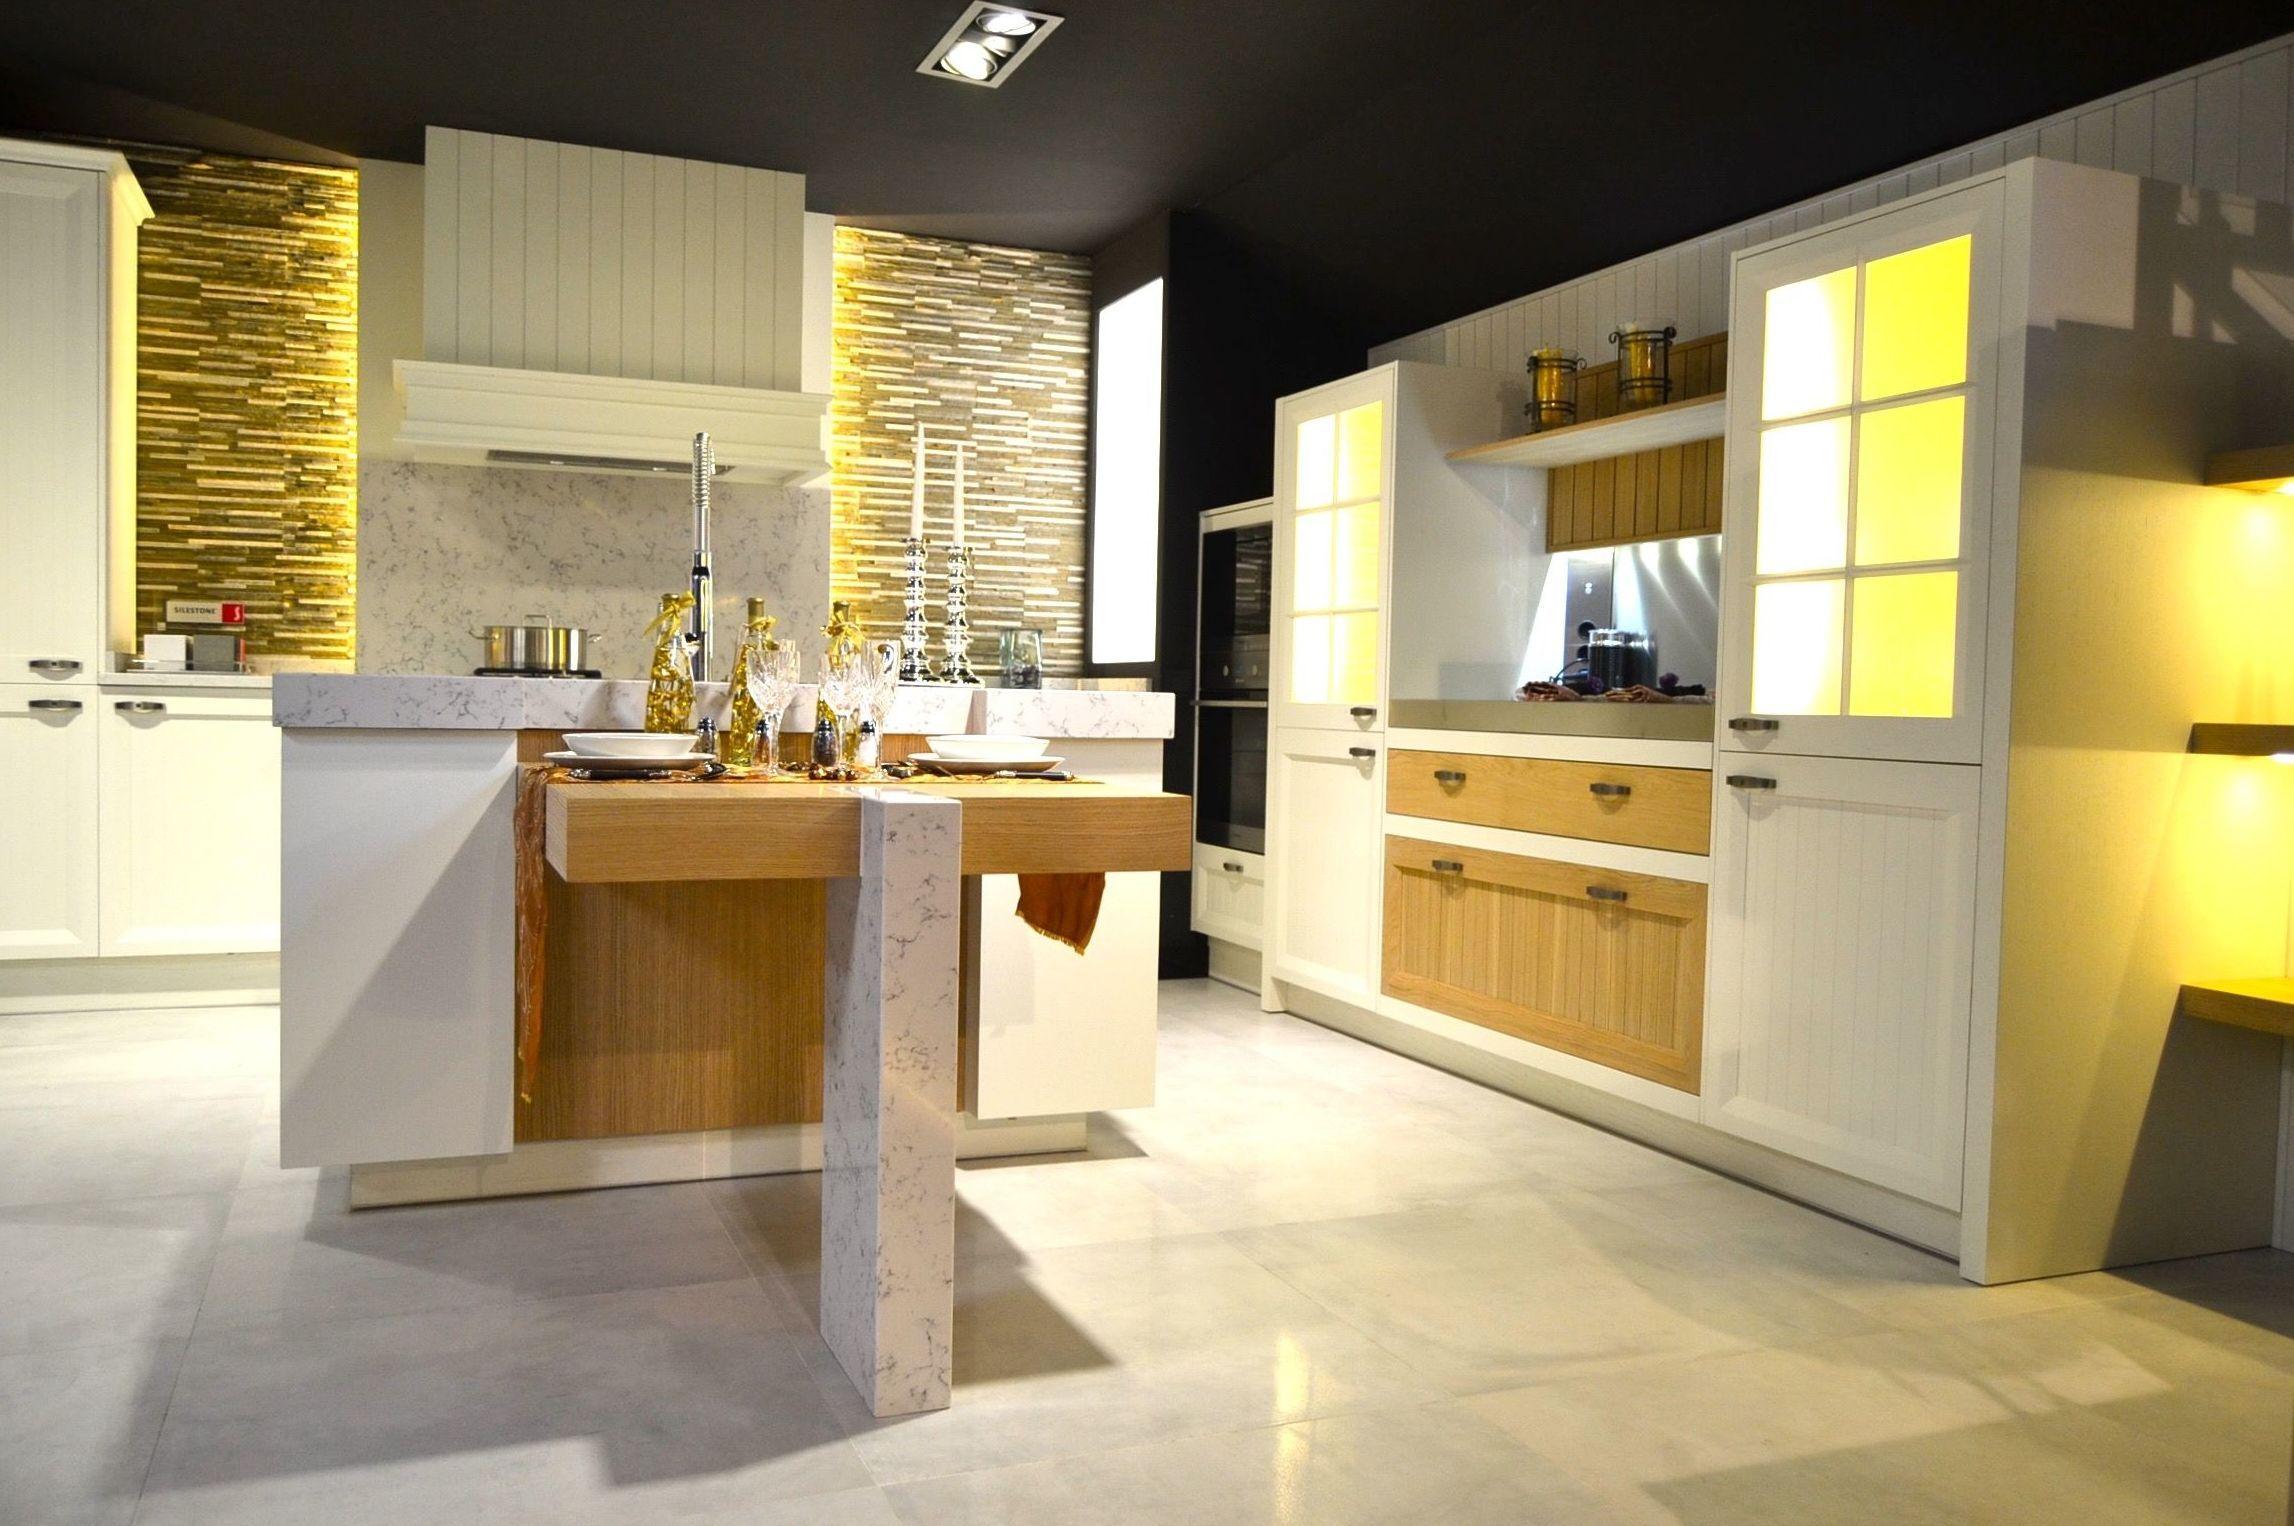 Muebles de cocina en Toledo a buen precio